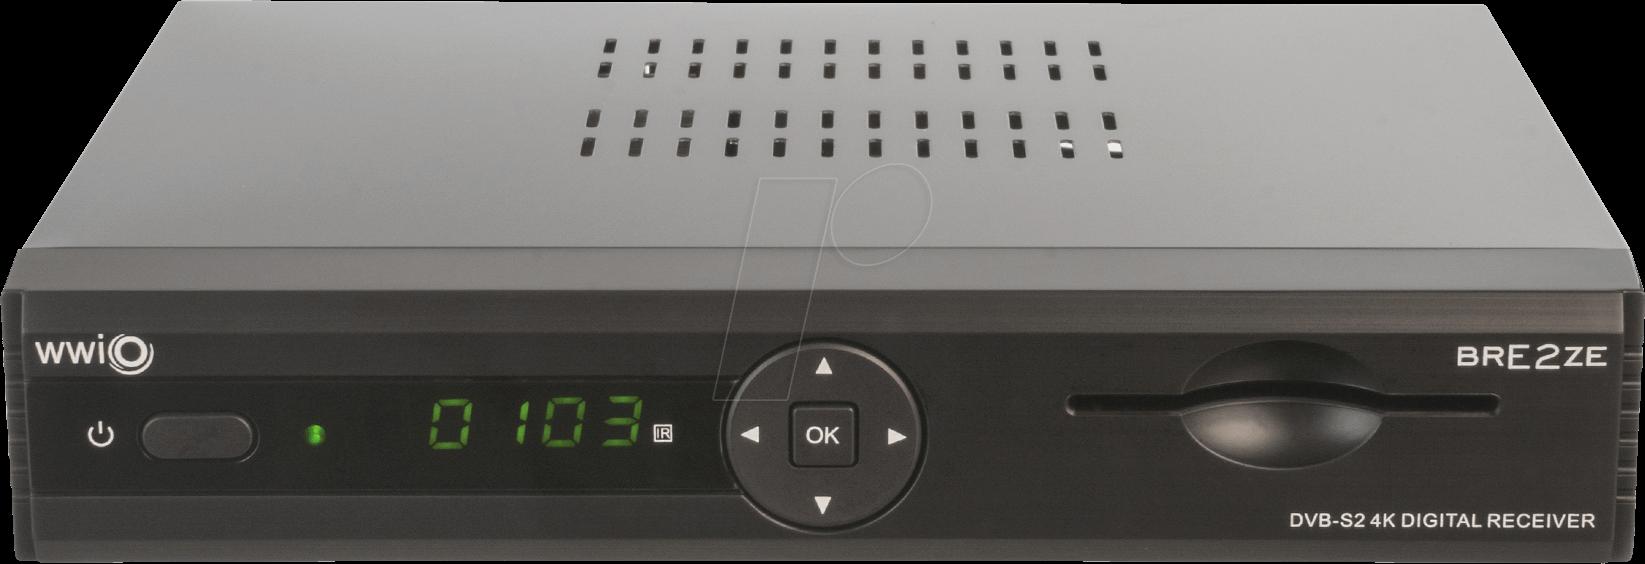 WWIO WCR100101 - Receiver, SAT, DVB-S2, Linux, PVR